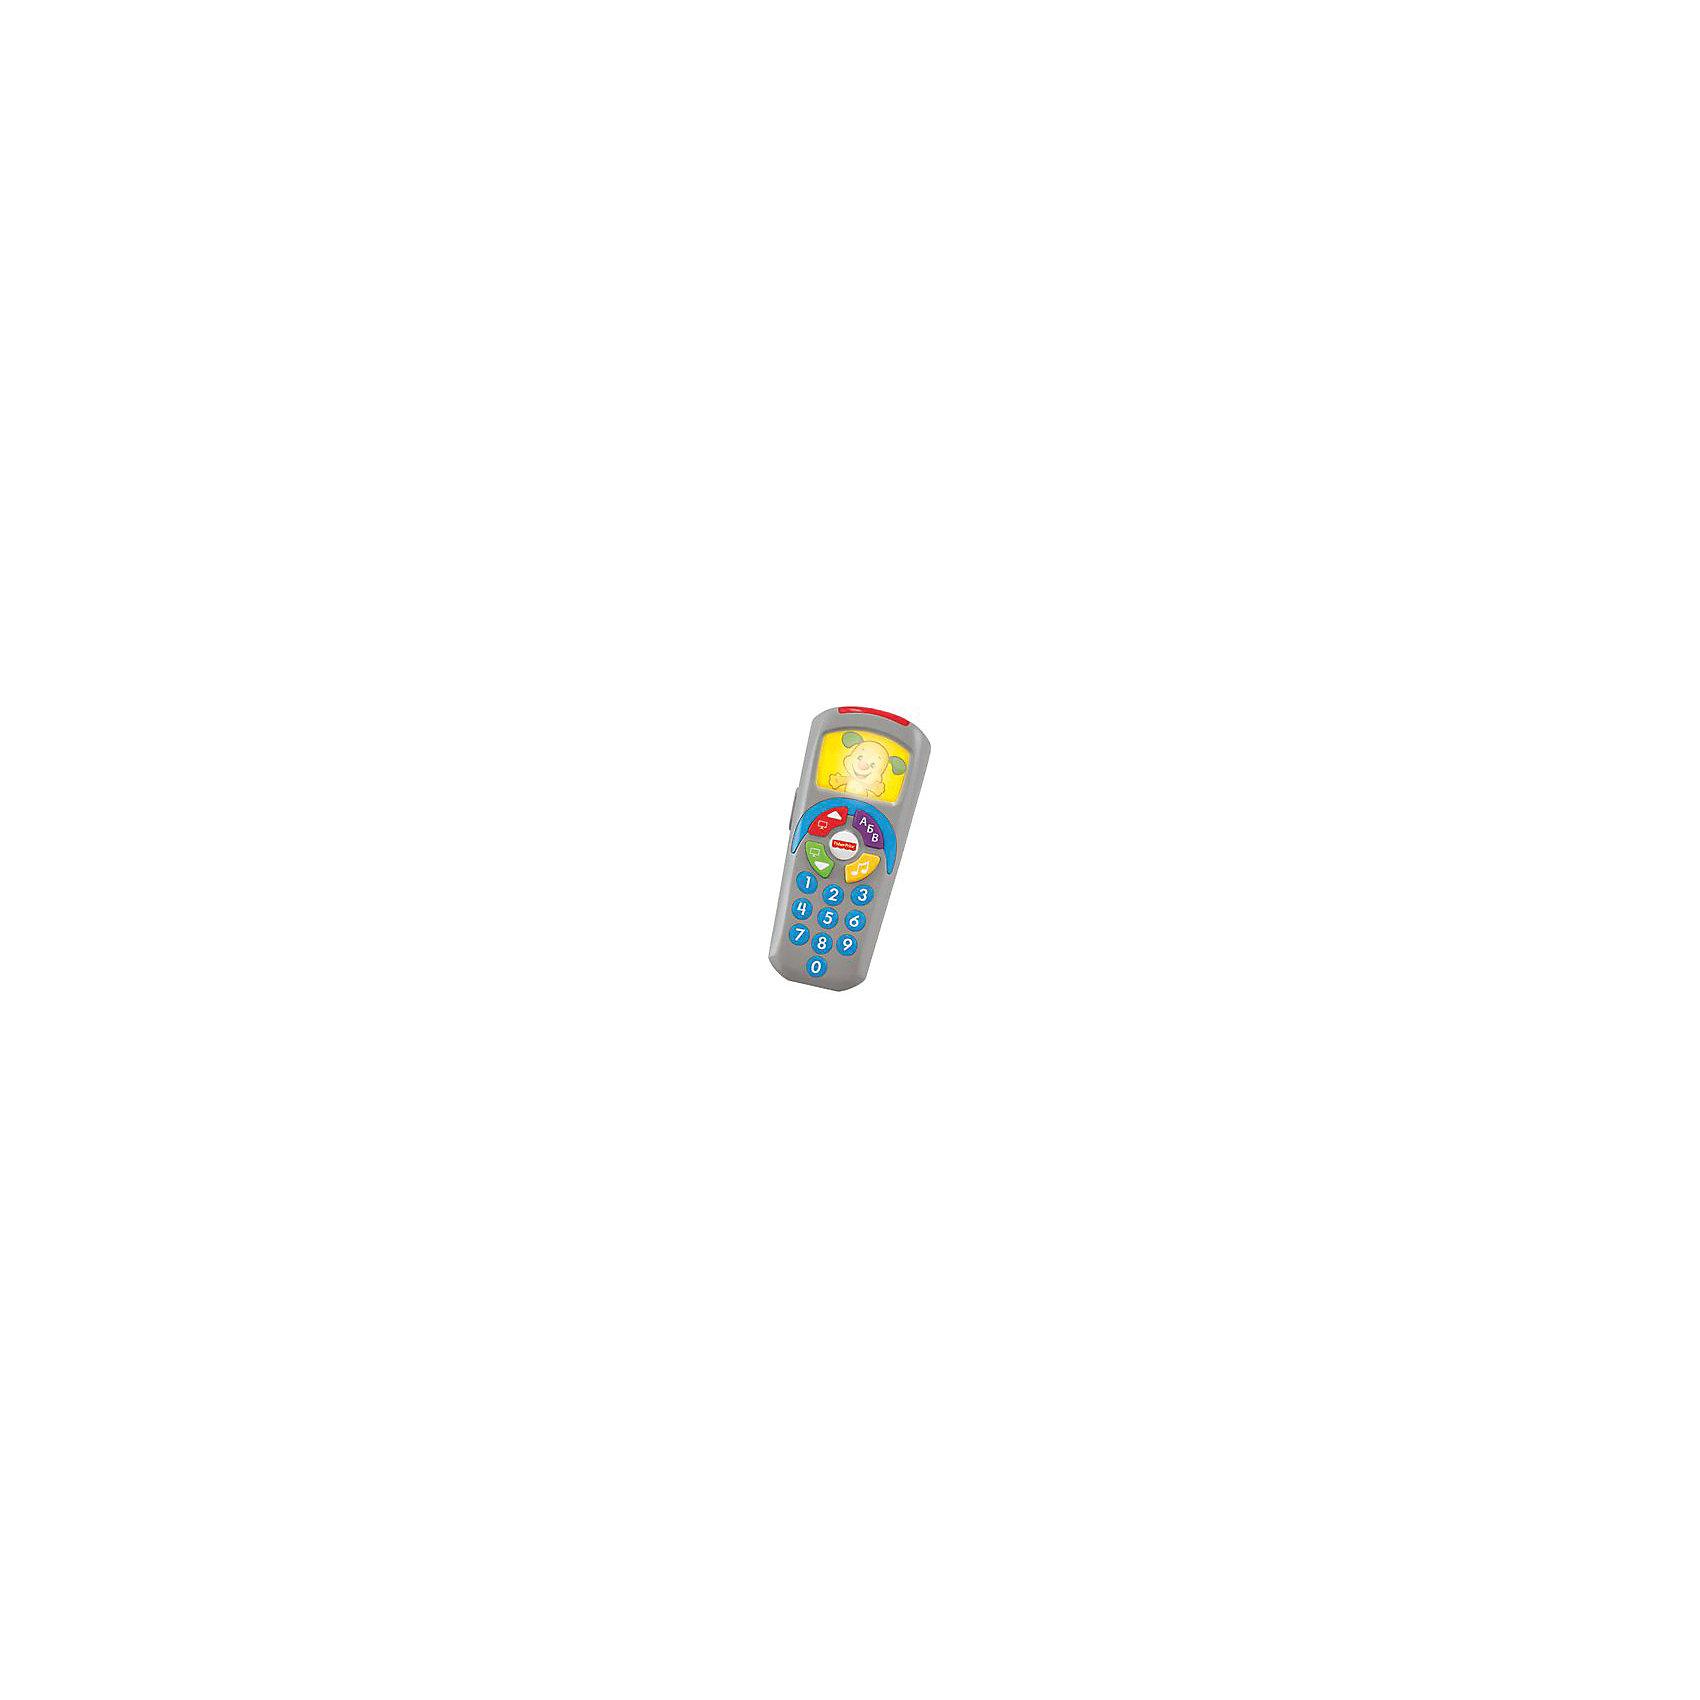 Пульт Щелкай и учись?, Fisher-priceРазвивающие игрушки<br>Пульт Щелкай и учись?, Fisher-price (Фишер Прайс) - развивающая игрушка со звуковыми и световыми эффектами.<br>Пульт Щелкай и учись? от Fisher-price (Фишер Прайс) предназначен для малышей от 6 месяцев, и может использоваться, как в качестве обычной игрушки, так и в качестве обучающего тренажера. Снаружи на игровом пульте 10 цифровых кнопок и четыре большие клавиши, а внутри — песенки и полезные знания. C ним можно изображать пульт от телевизора. Если нажать на кнопку, зажигается экран, звучат интересные и познавательные песенки и фразы о числах, буквах алфавита, цветах, противоположностях — и о многом другом. Для большего интереса, во время игры экран пульта Щелкай и Учись подсвечивается в ритм мелодий или слов.<br><br>Дополнительная информация:<br><br>- 35 песенок, мелодий и фраз<br>- Размер: 16х7х4 см.<br>- Материал: пластик, металл<br>- Цвет: голубой<br>- Батарейки: 2 типа АА (в комплекте демонстрационные батарейки)<br><br>Пульт Щелкай и учись?, Fisher-price можно купить в нашем интернет-магазине.<br><br>Ширина мм: 50<br>Глубина мм: 110<br>Высота мм: 205<br>Вес г: 230<br>Возраст от месяцев: 6<br>Возраст до месяцев: 24<br>Пол: Унисекс<br>Возраст: Детский<br>SKU: 4753062